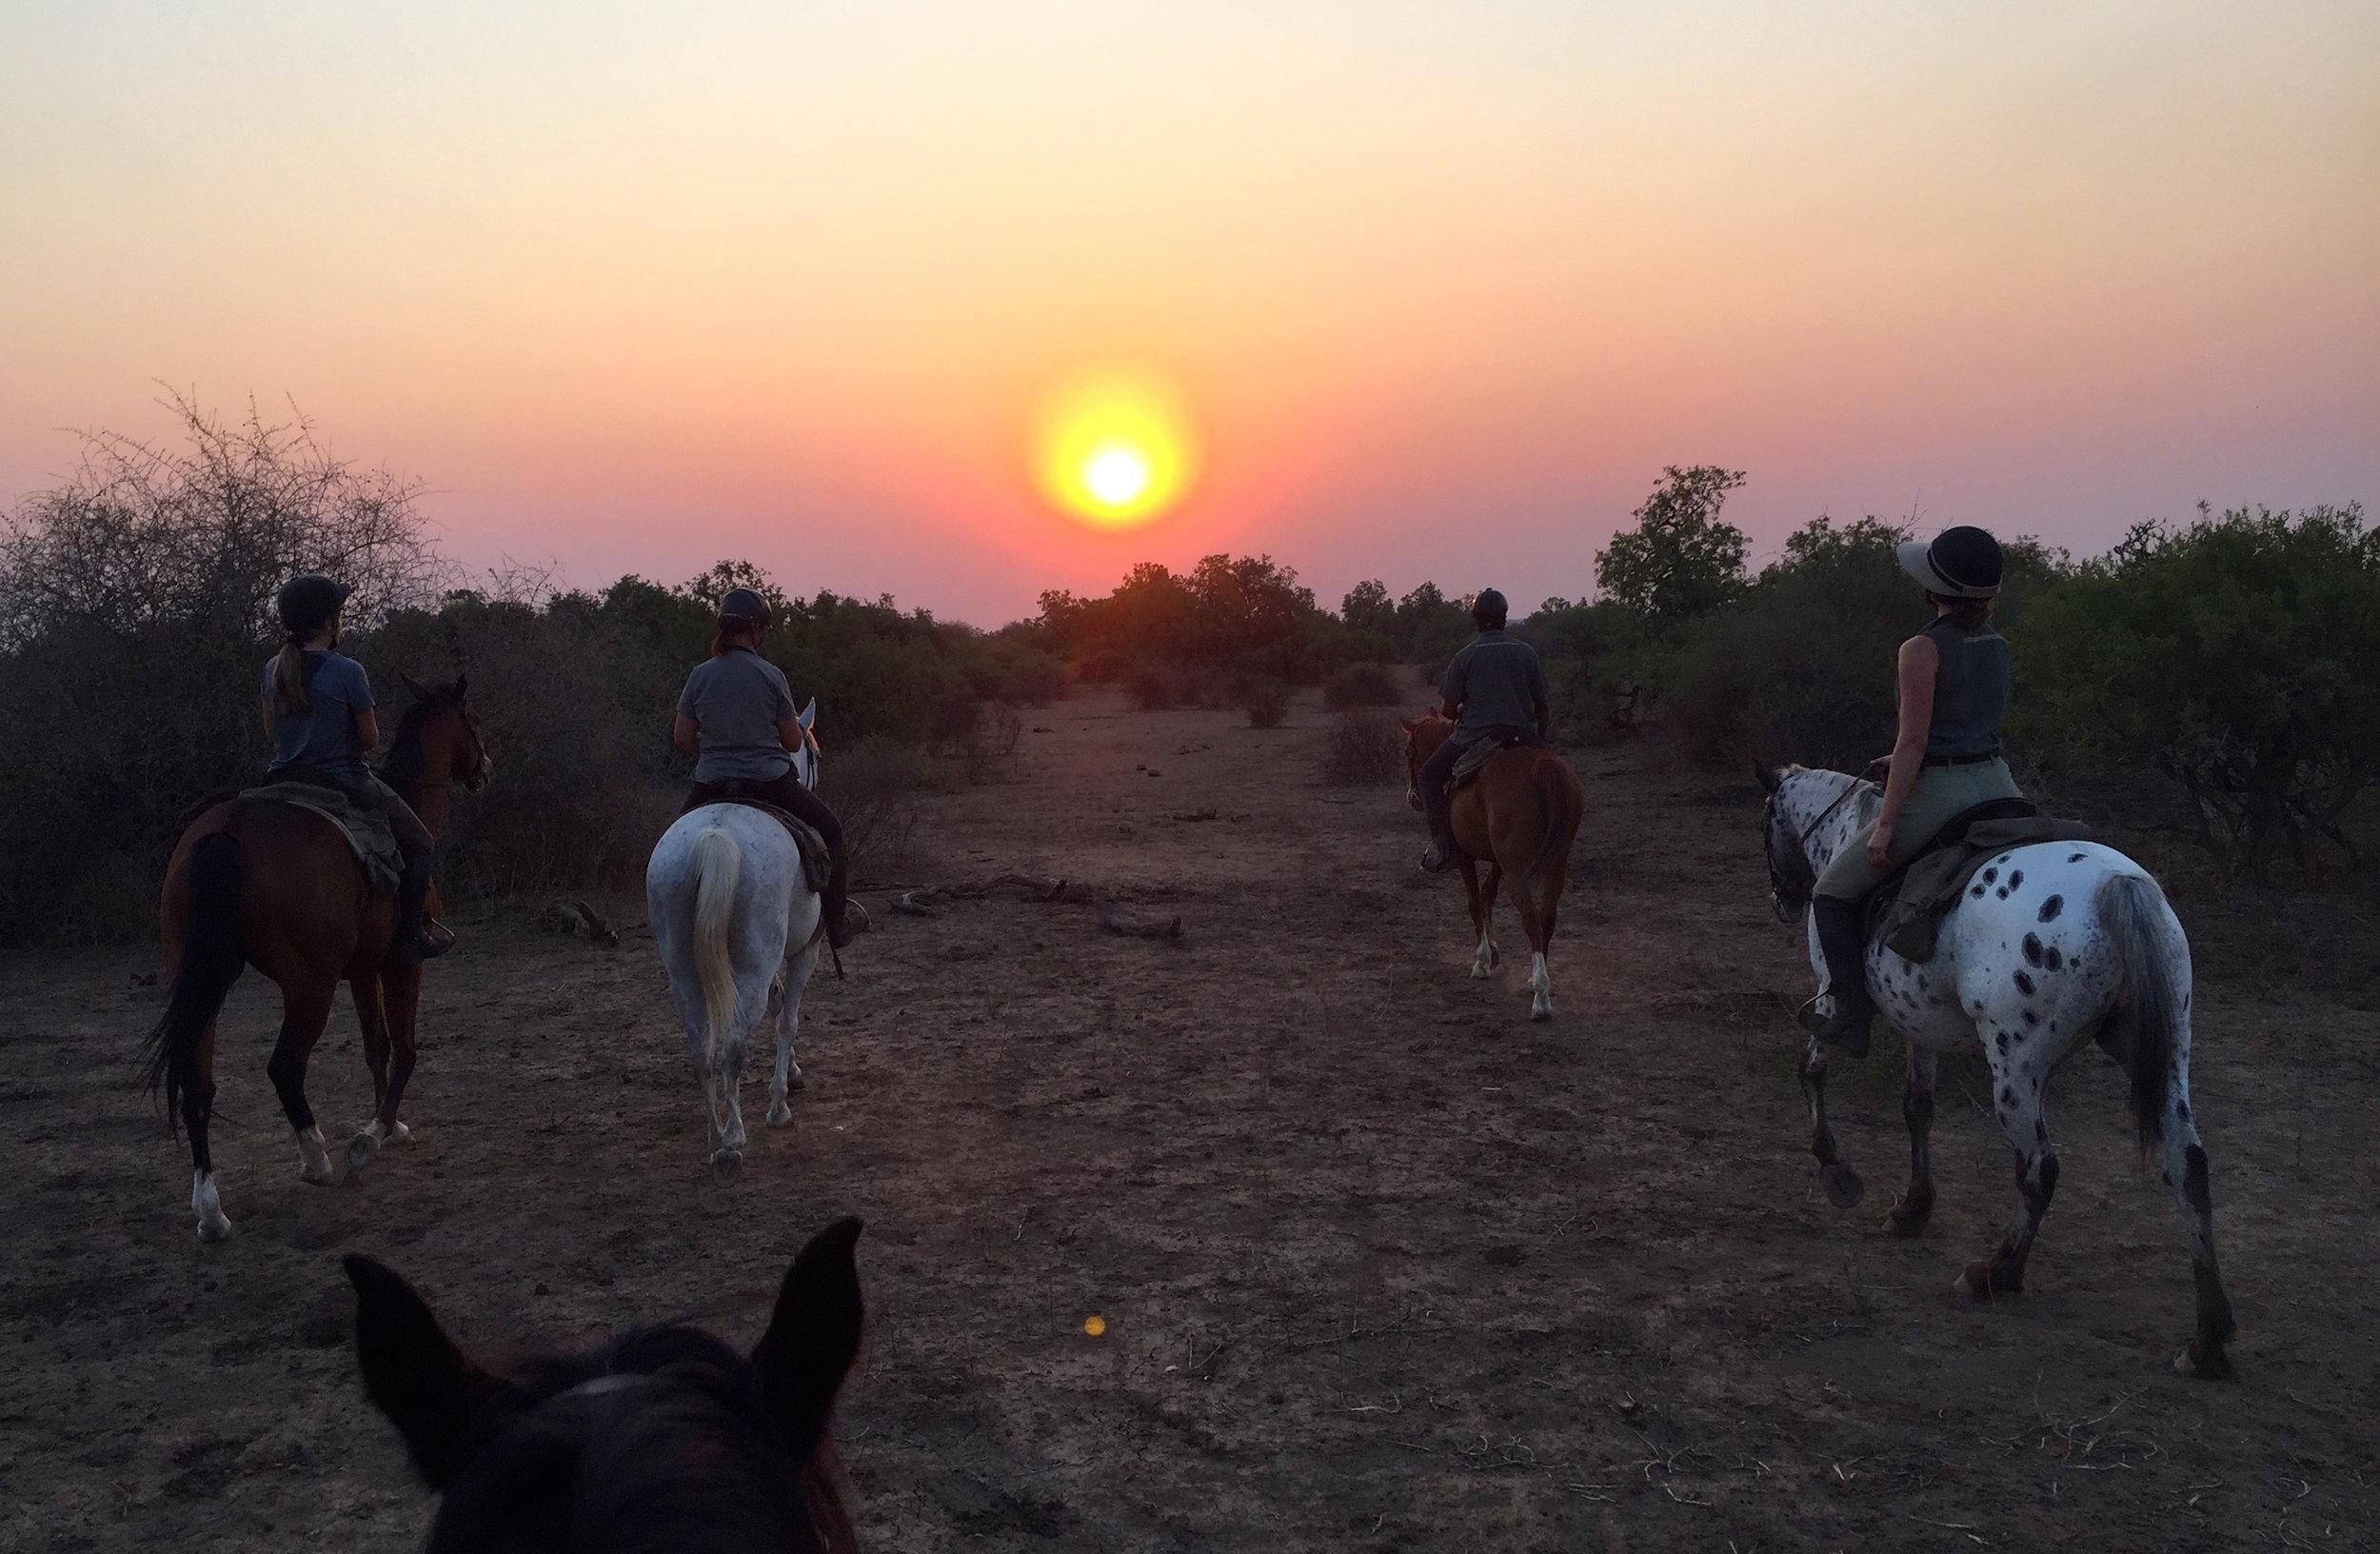 South Africa and Botswana Horseback Safari - April 21-May 1, 2020